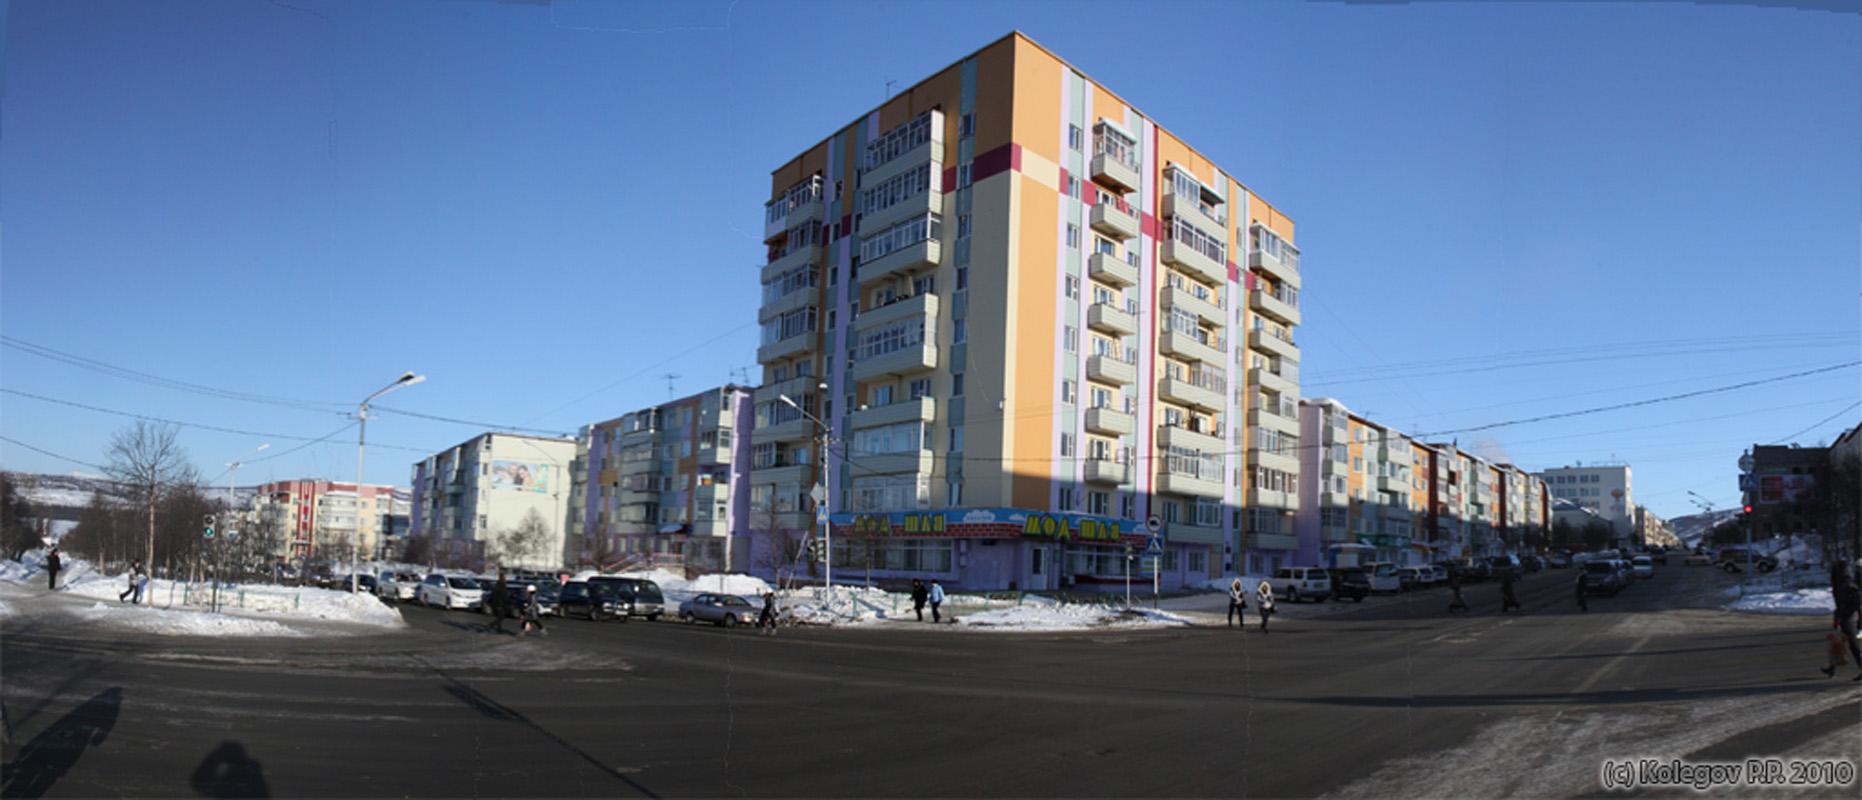 gorod_ul_016